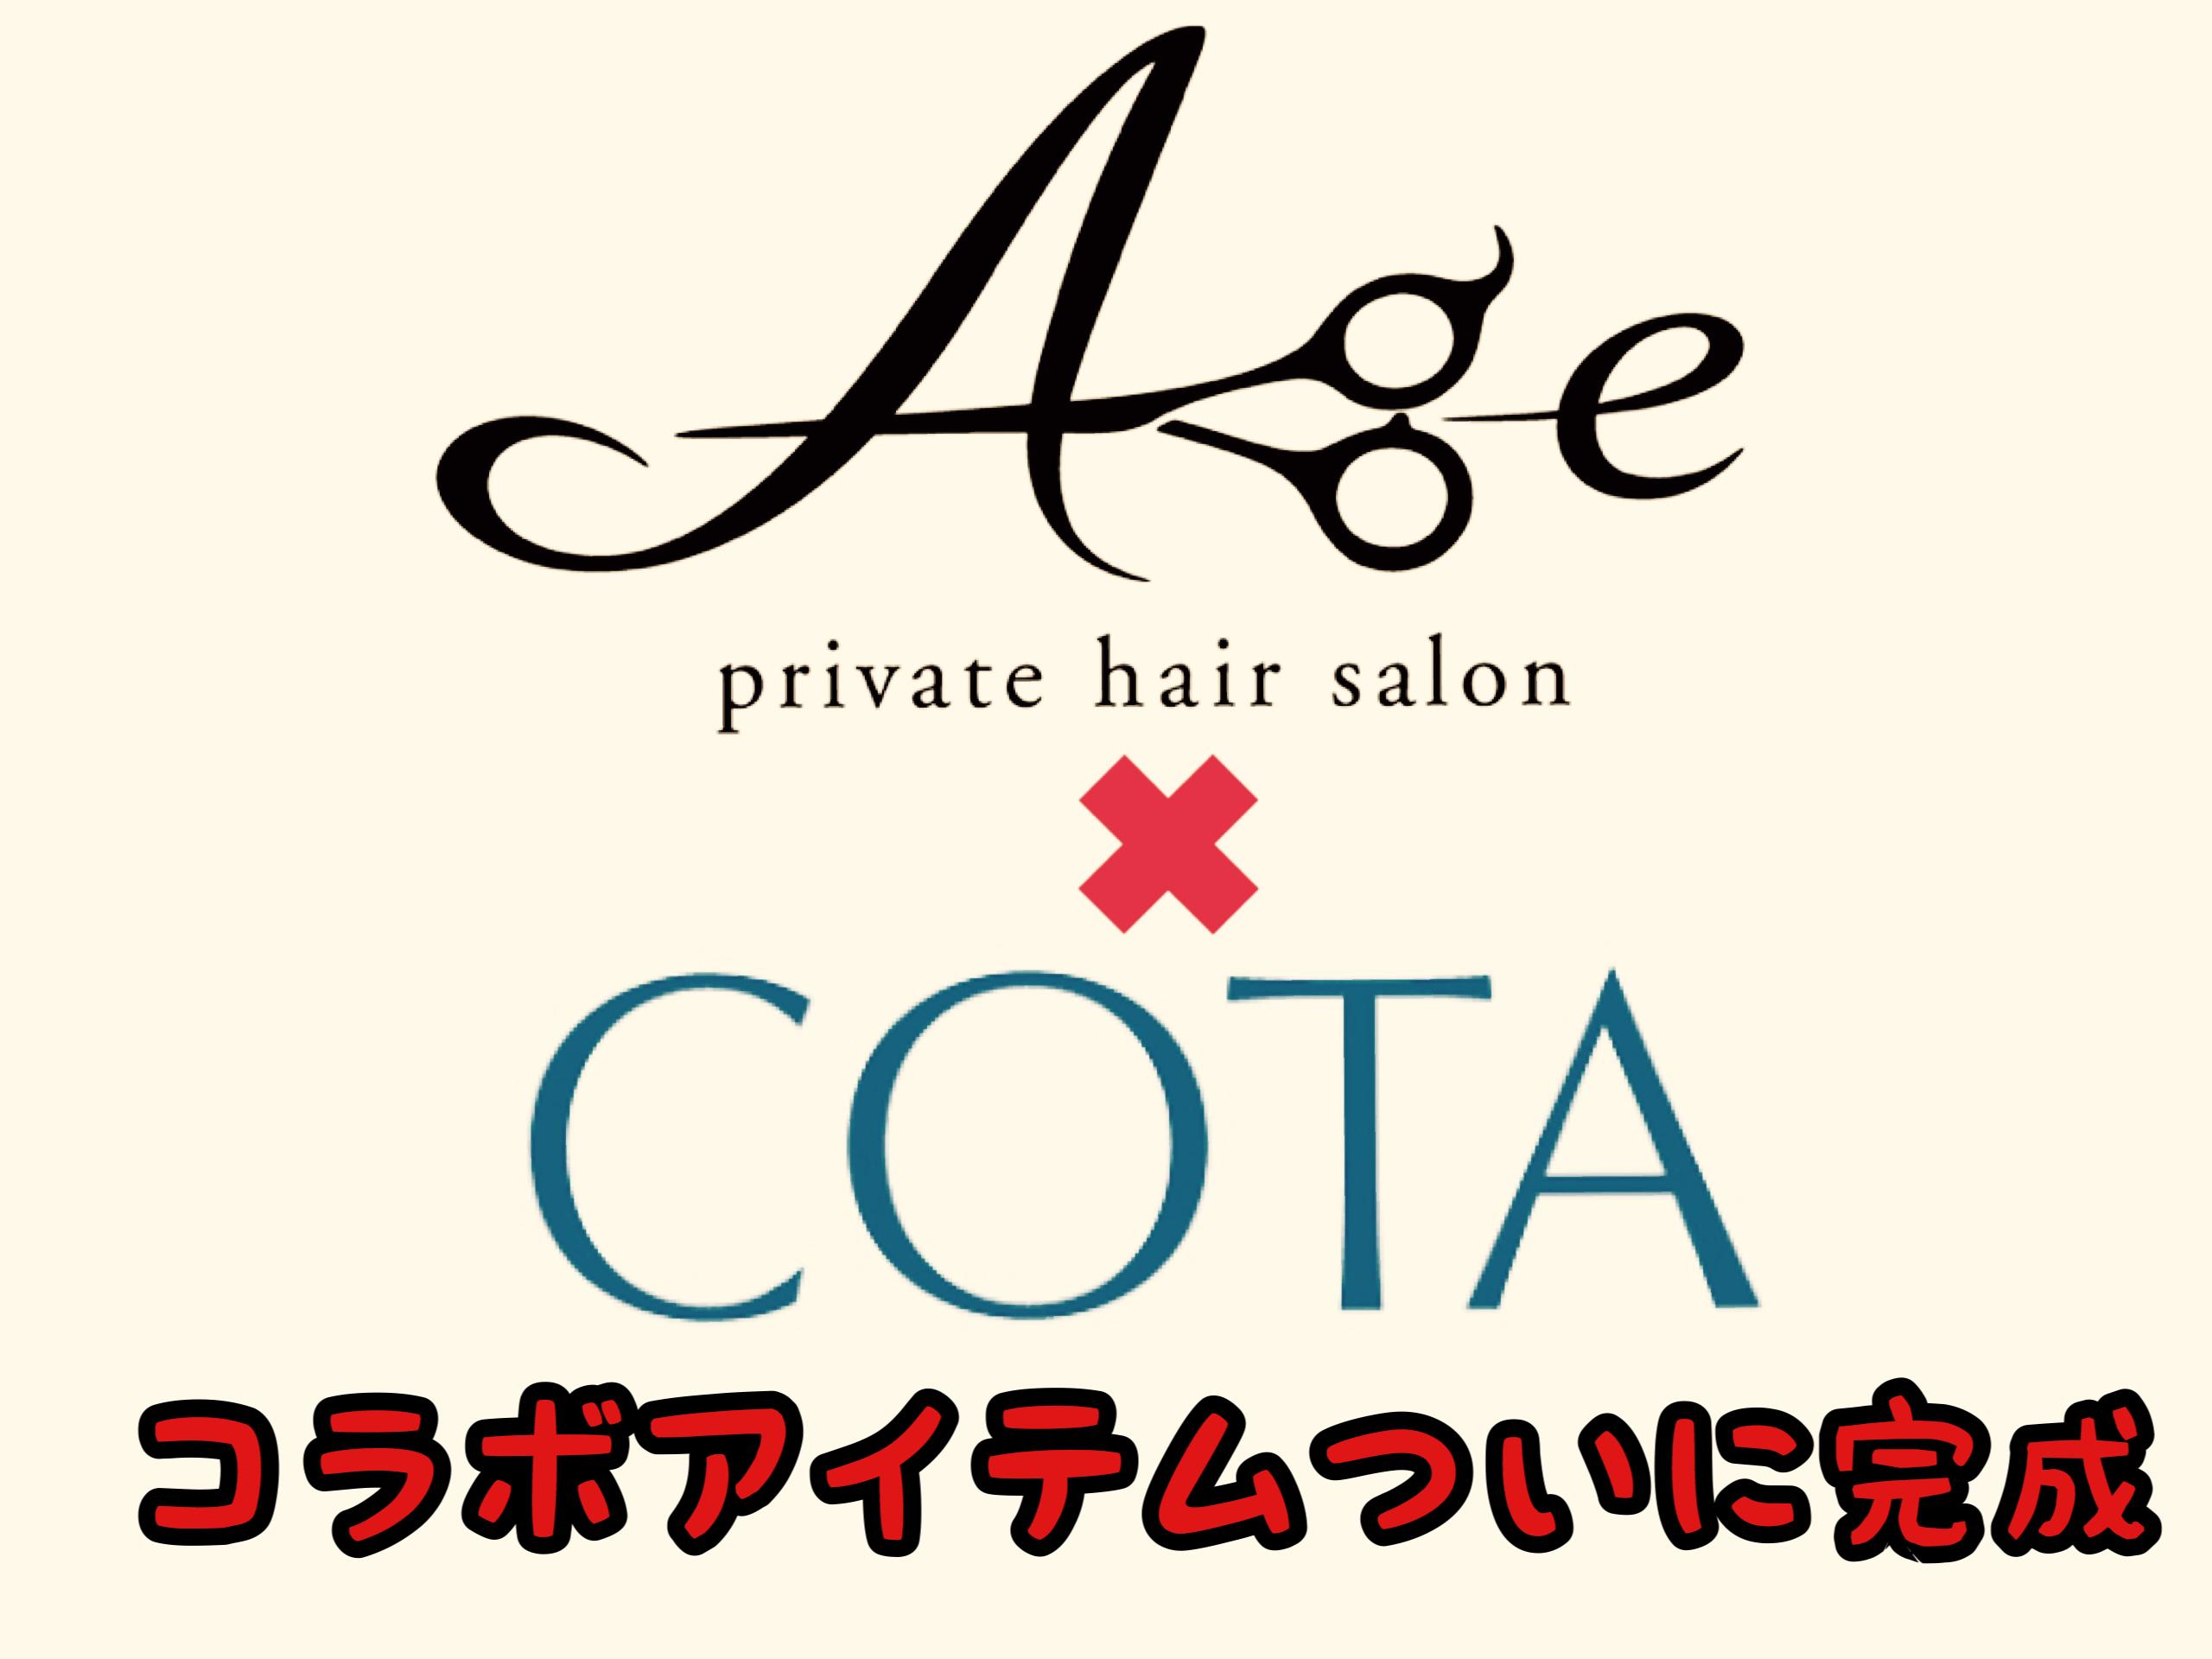 【国内唯一】当店限定!COTA X Ageコラボアイテムがついに完成しました!